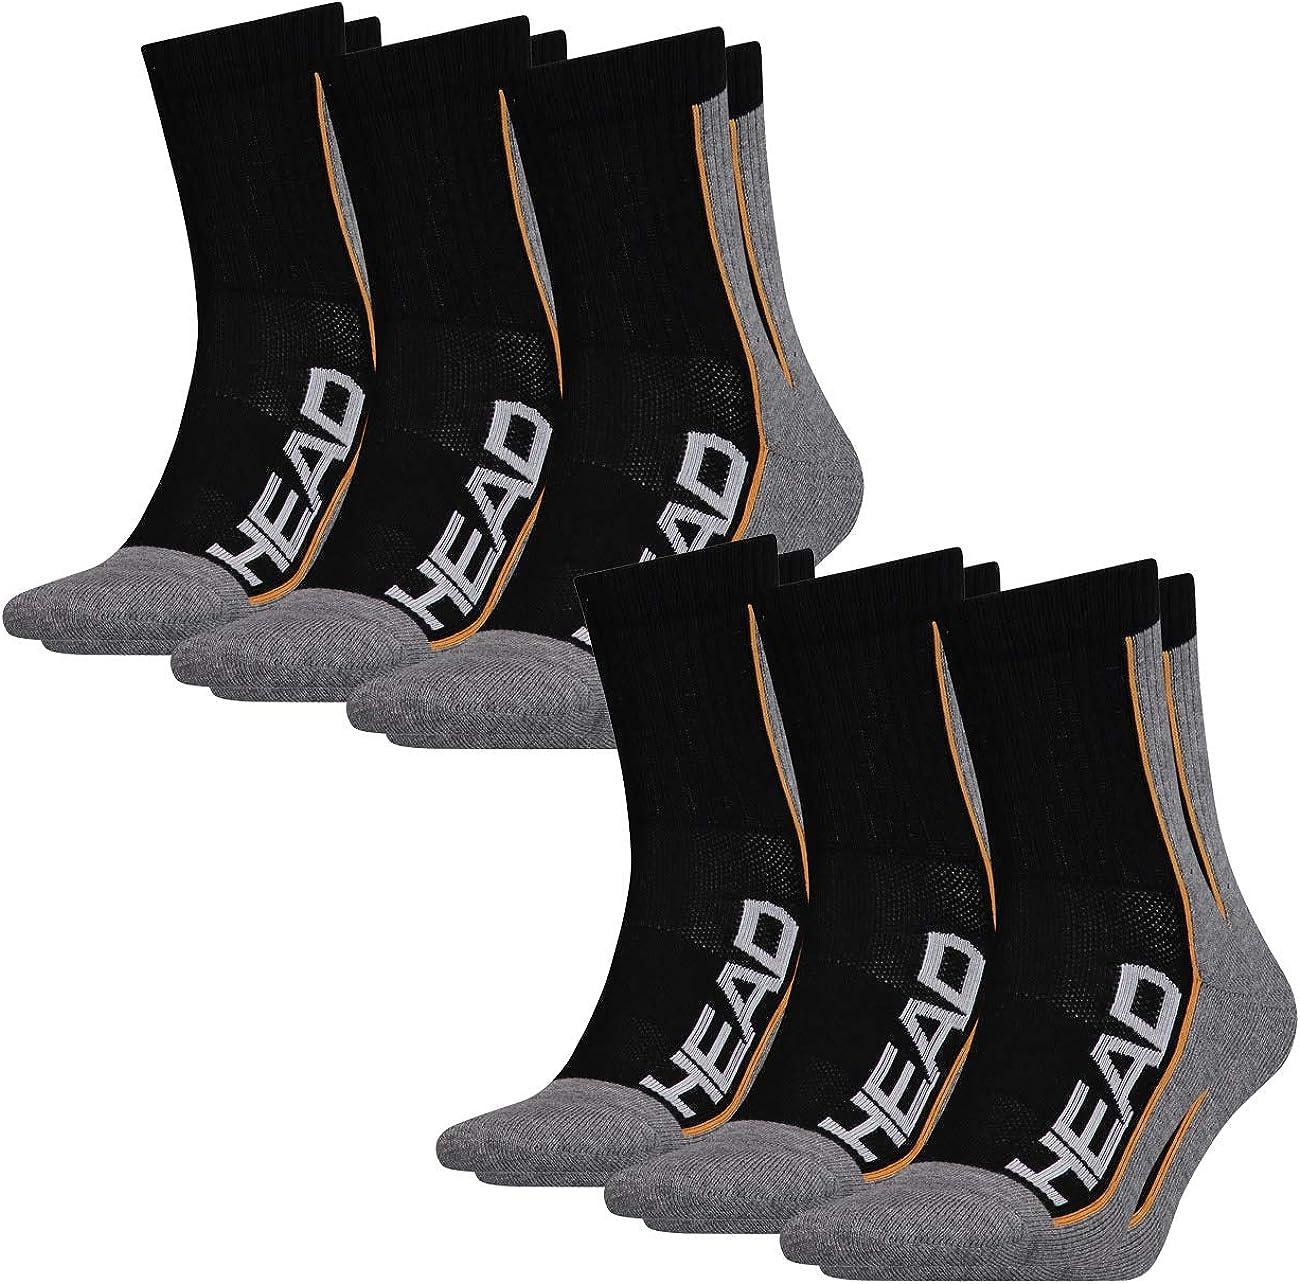 Head Lot de 6 paires de chaussettes unisexe Performance.